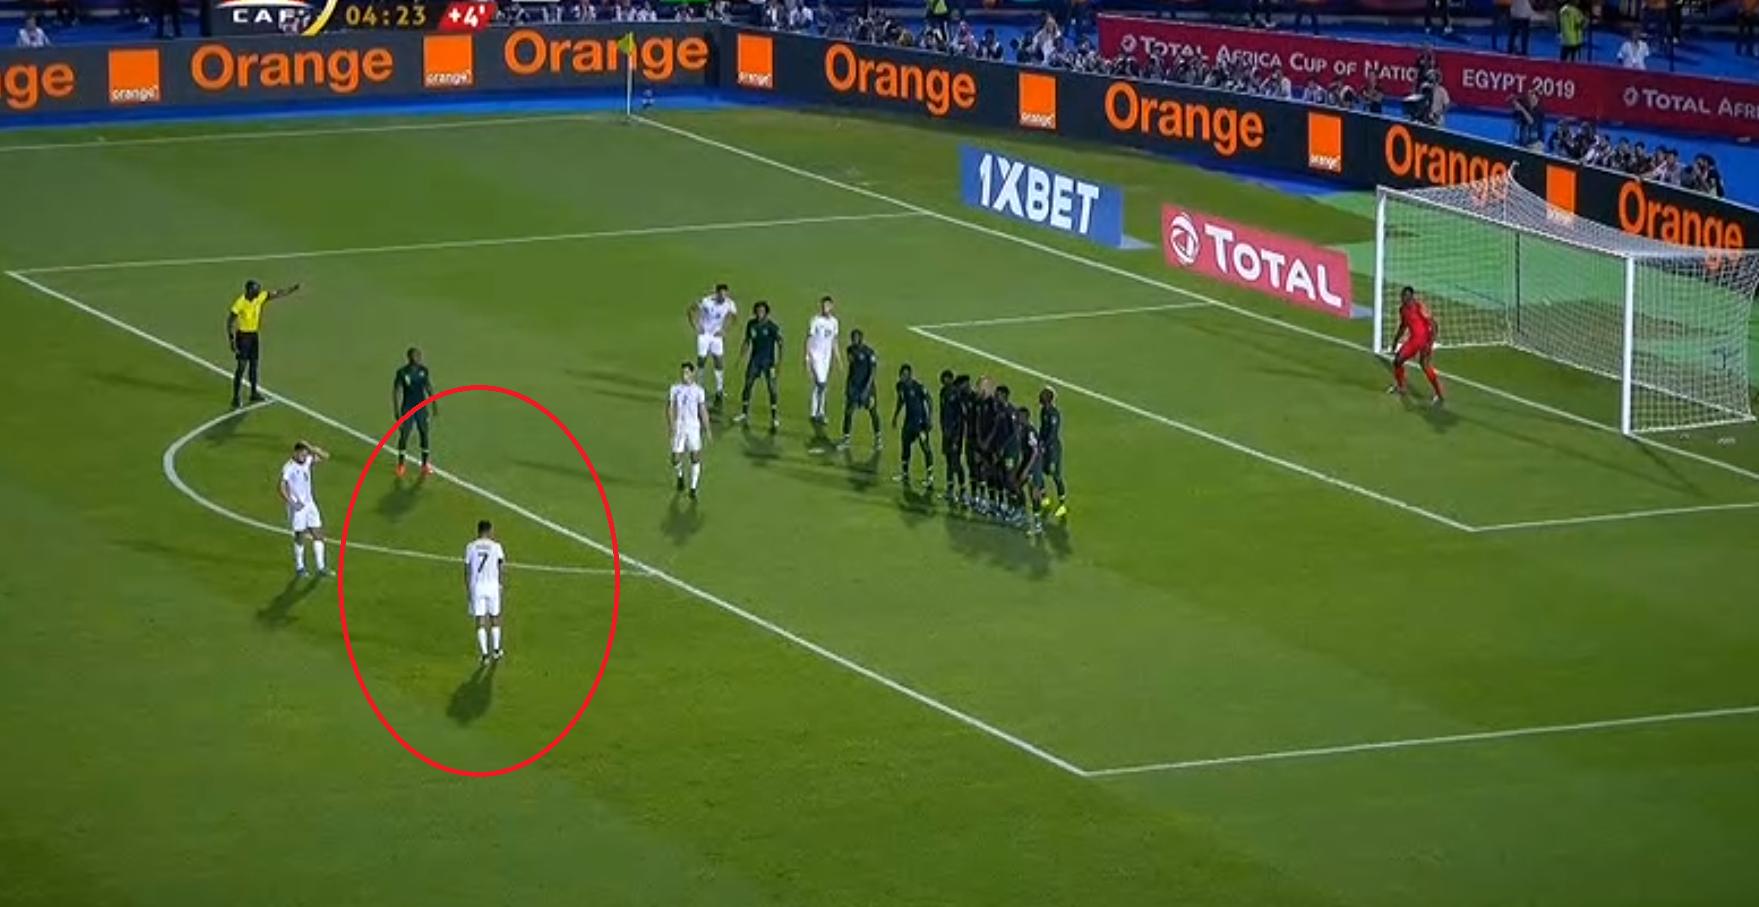 Football - CAN - CAN 2019 : le coup franc magique de Mahrez qui envoie l'Algérie en finale (vidéo)